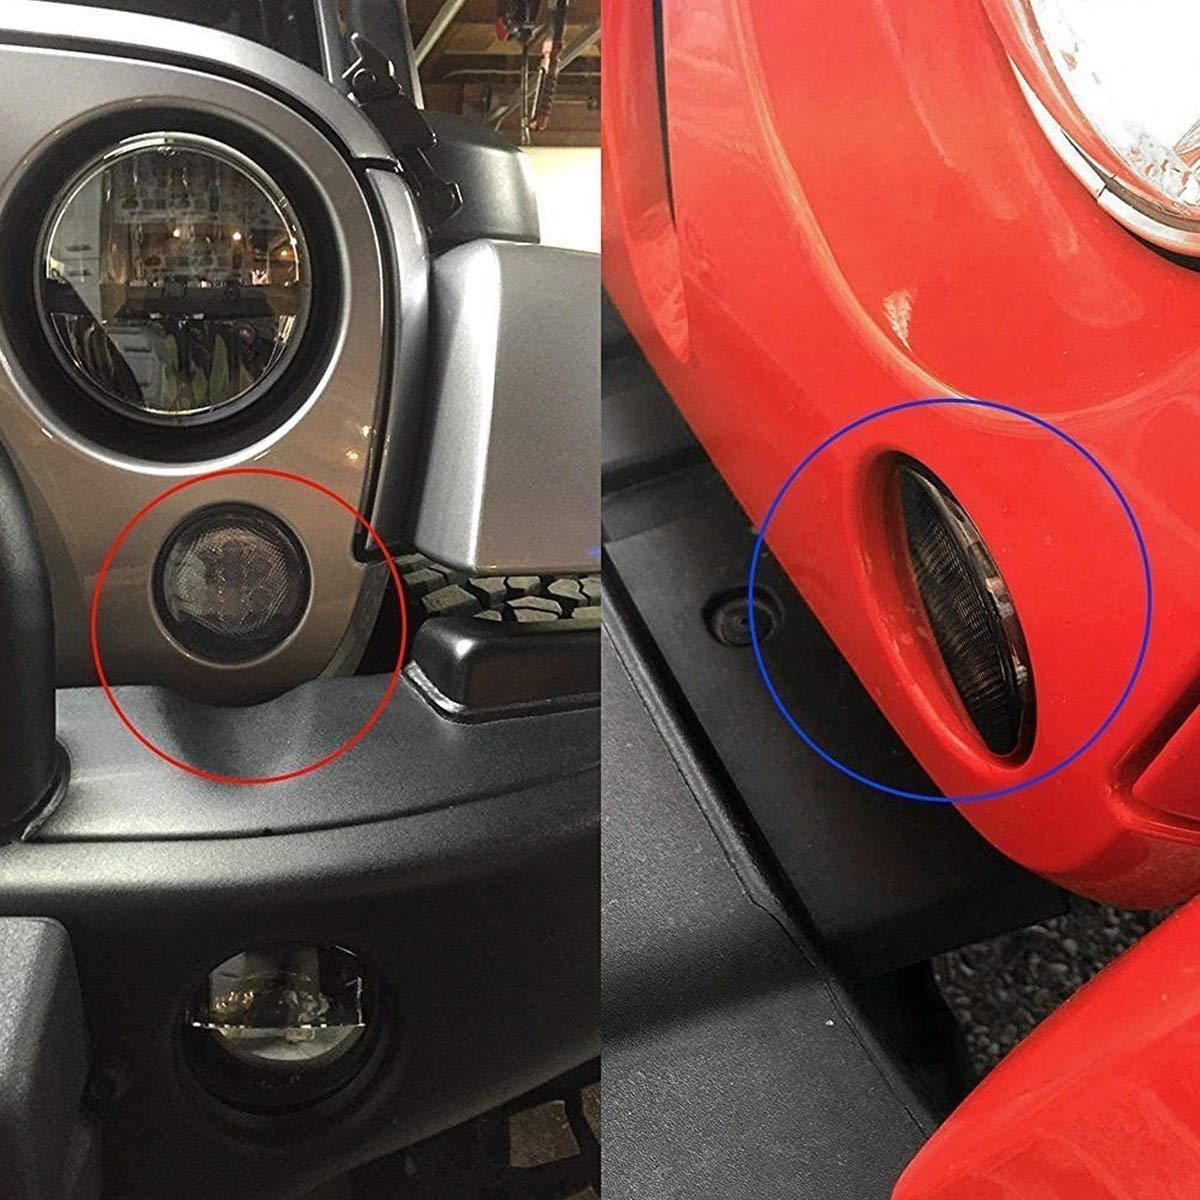 Paquete de 2 Luces /ámbar de se/ñal de Giro Luces LED Humo Parrilla Delantera para Jeep Wrangler JK TJ